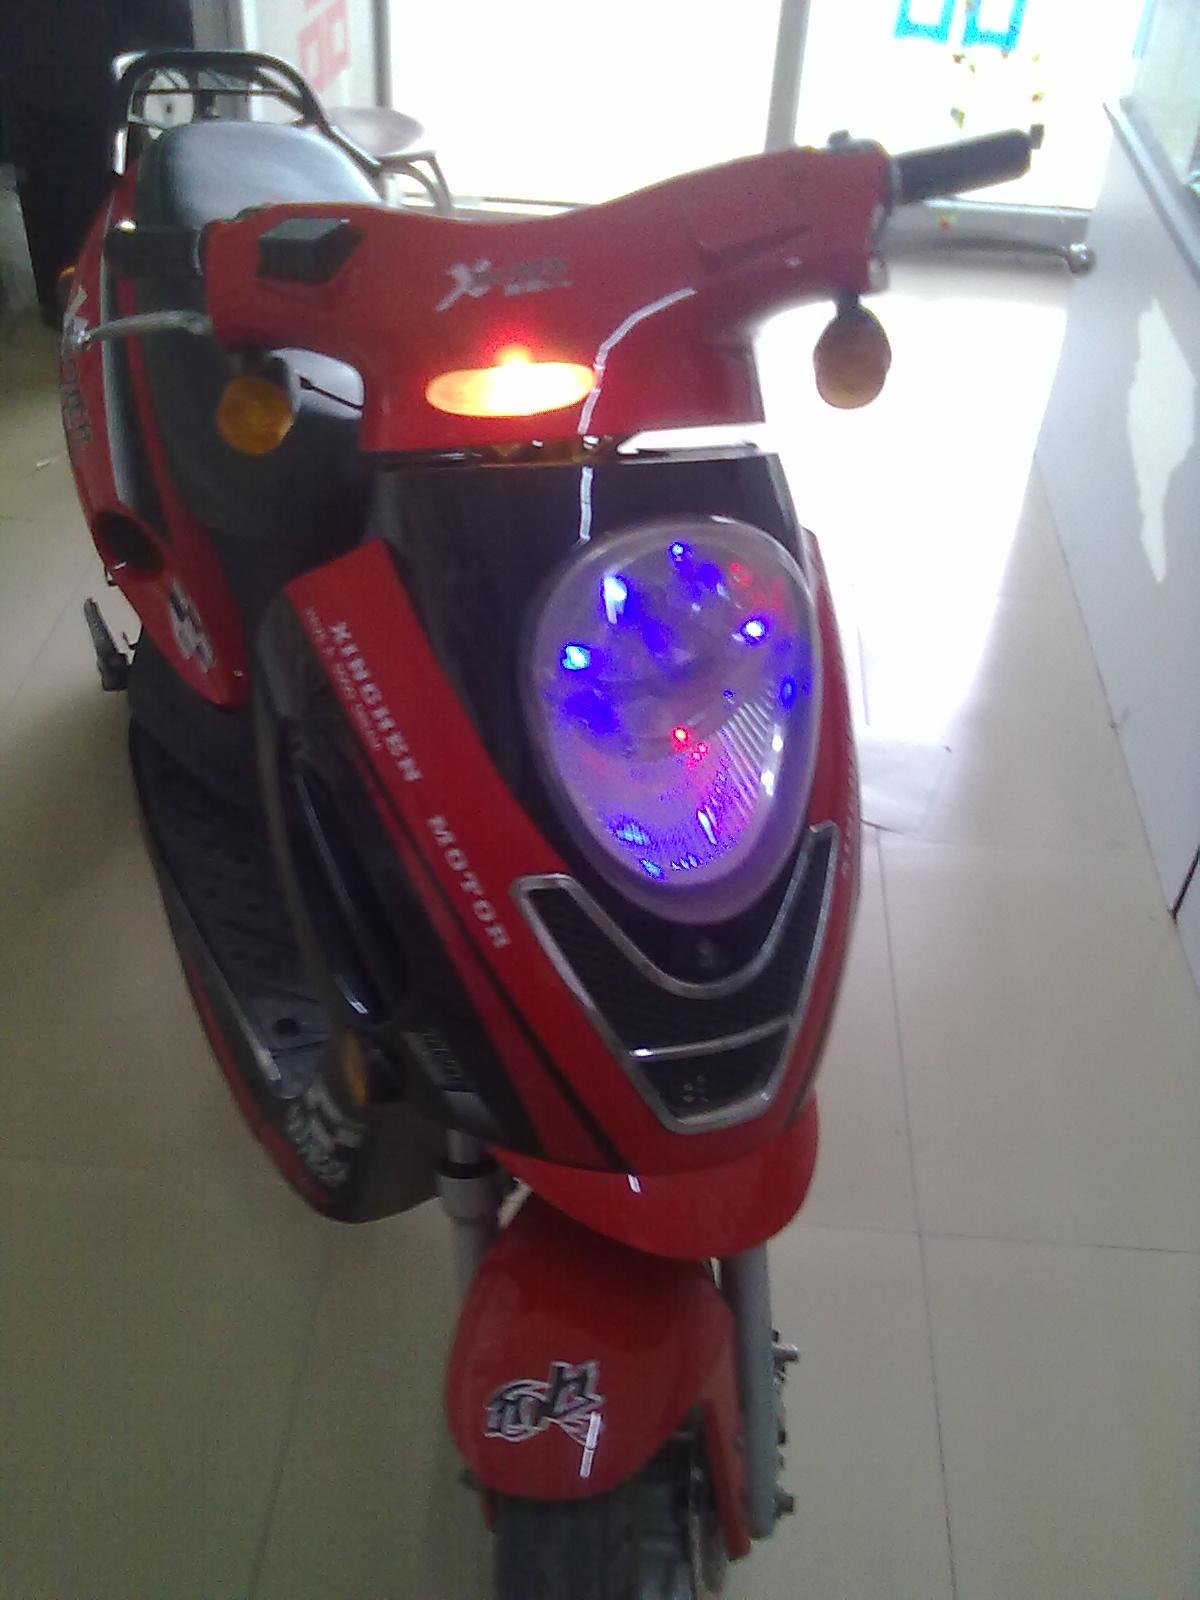 电动车 摩托 摩托车 1200_1600 竖版 竖屏